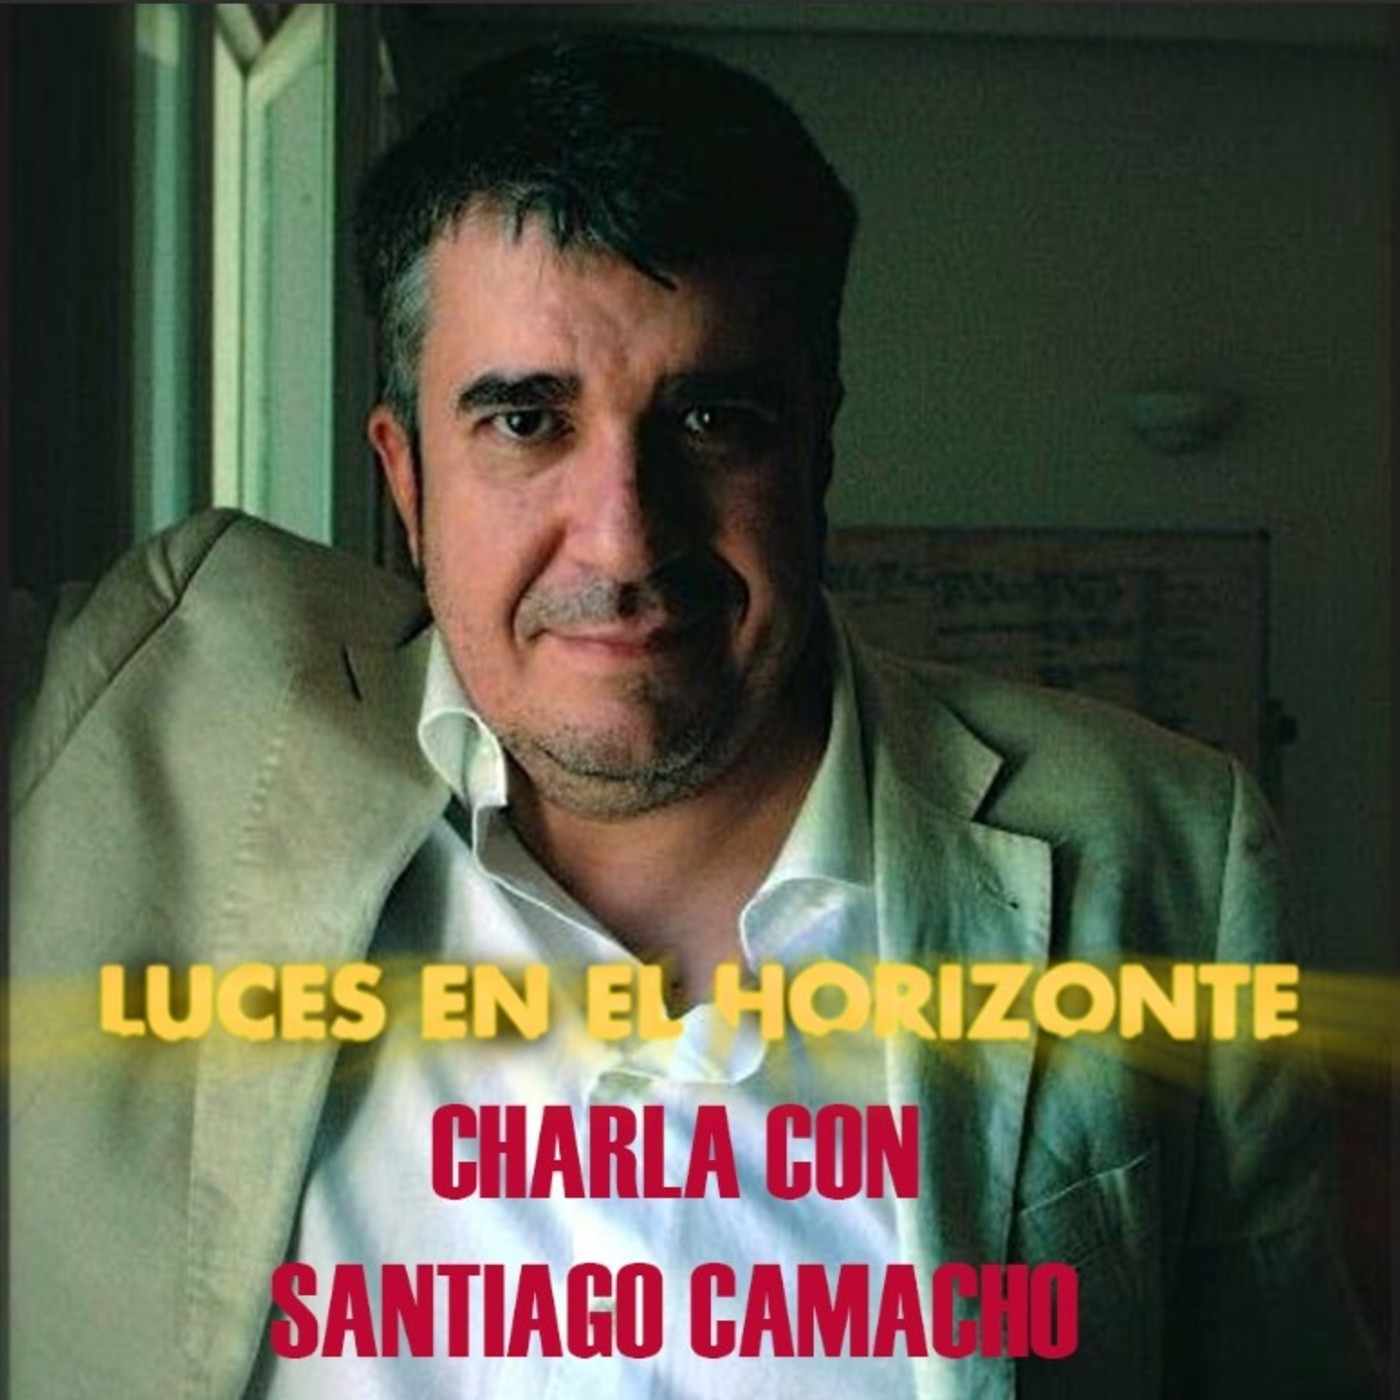 Luces en el Horizonte - CHARLA CON SANTIAGO CAMACHO en Luces ...